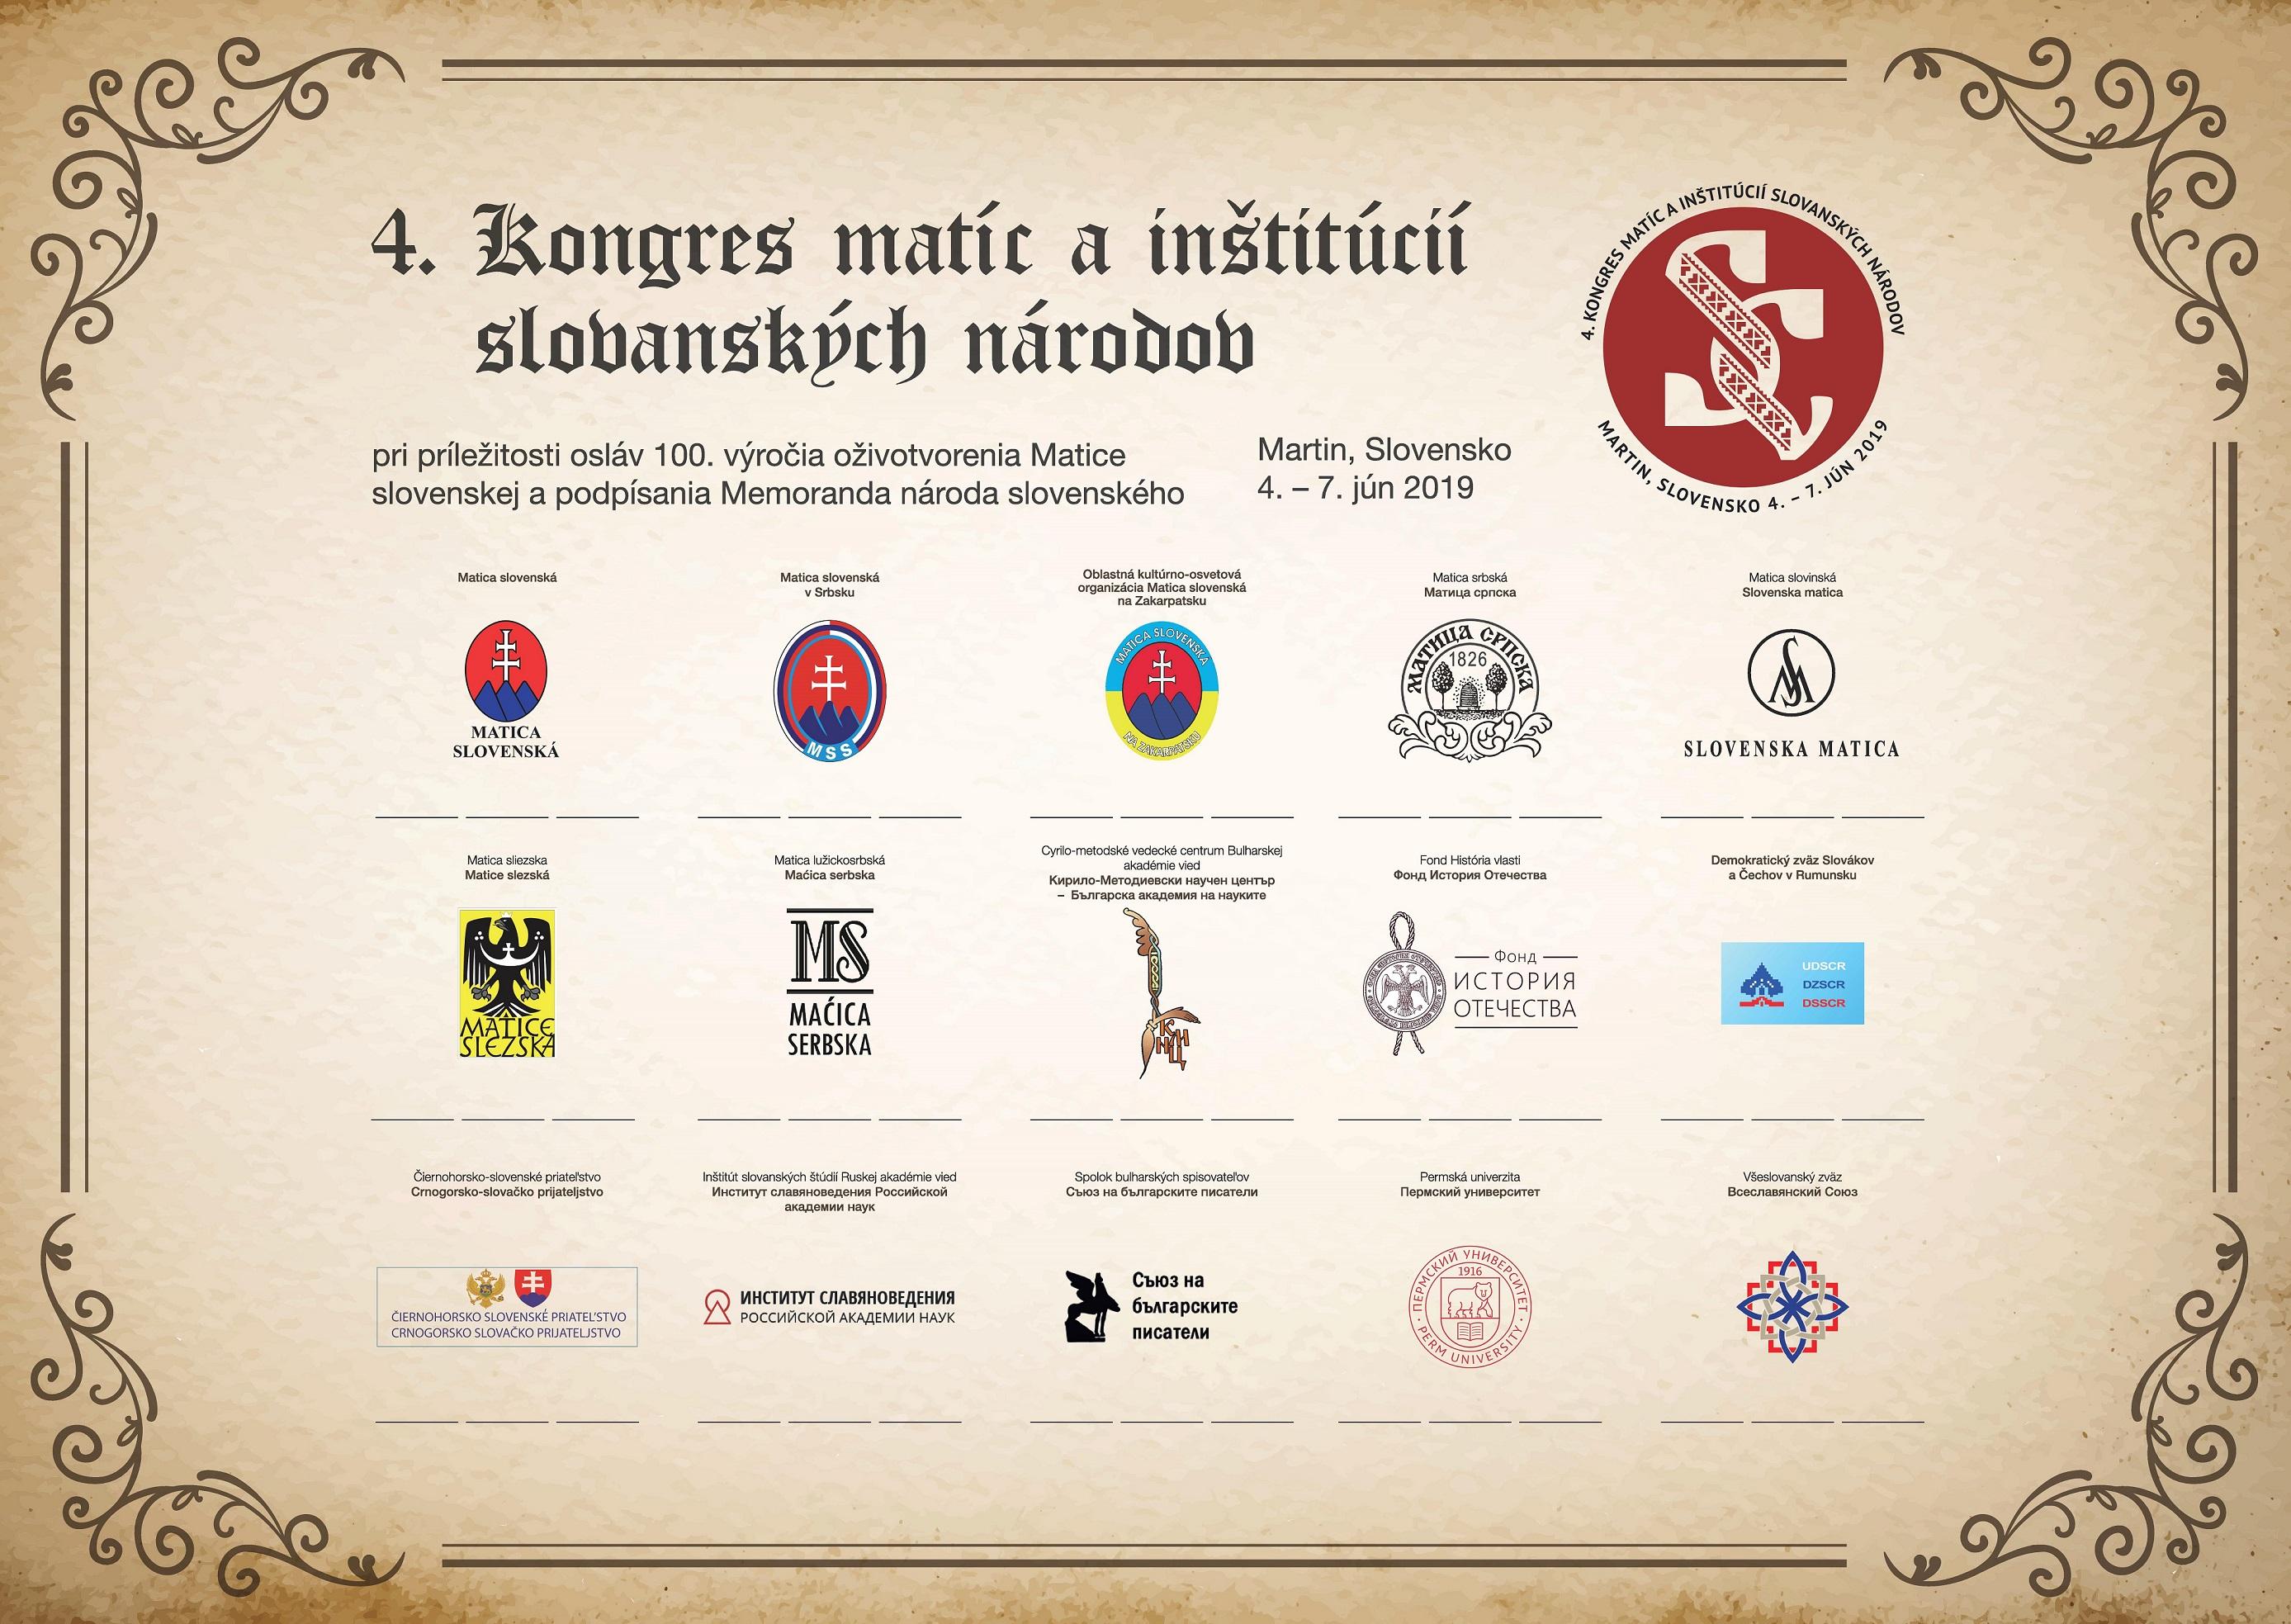 Záverečné komuniké 4. Kongresu matíc ainštitúcií slovanských národov